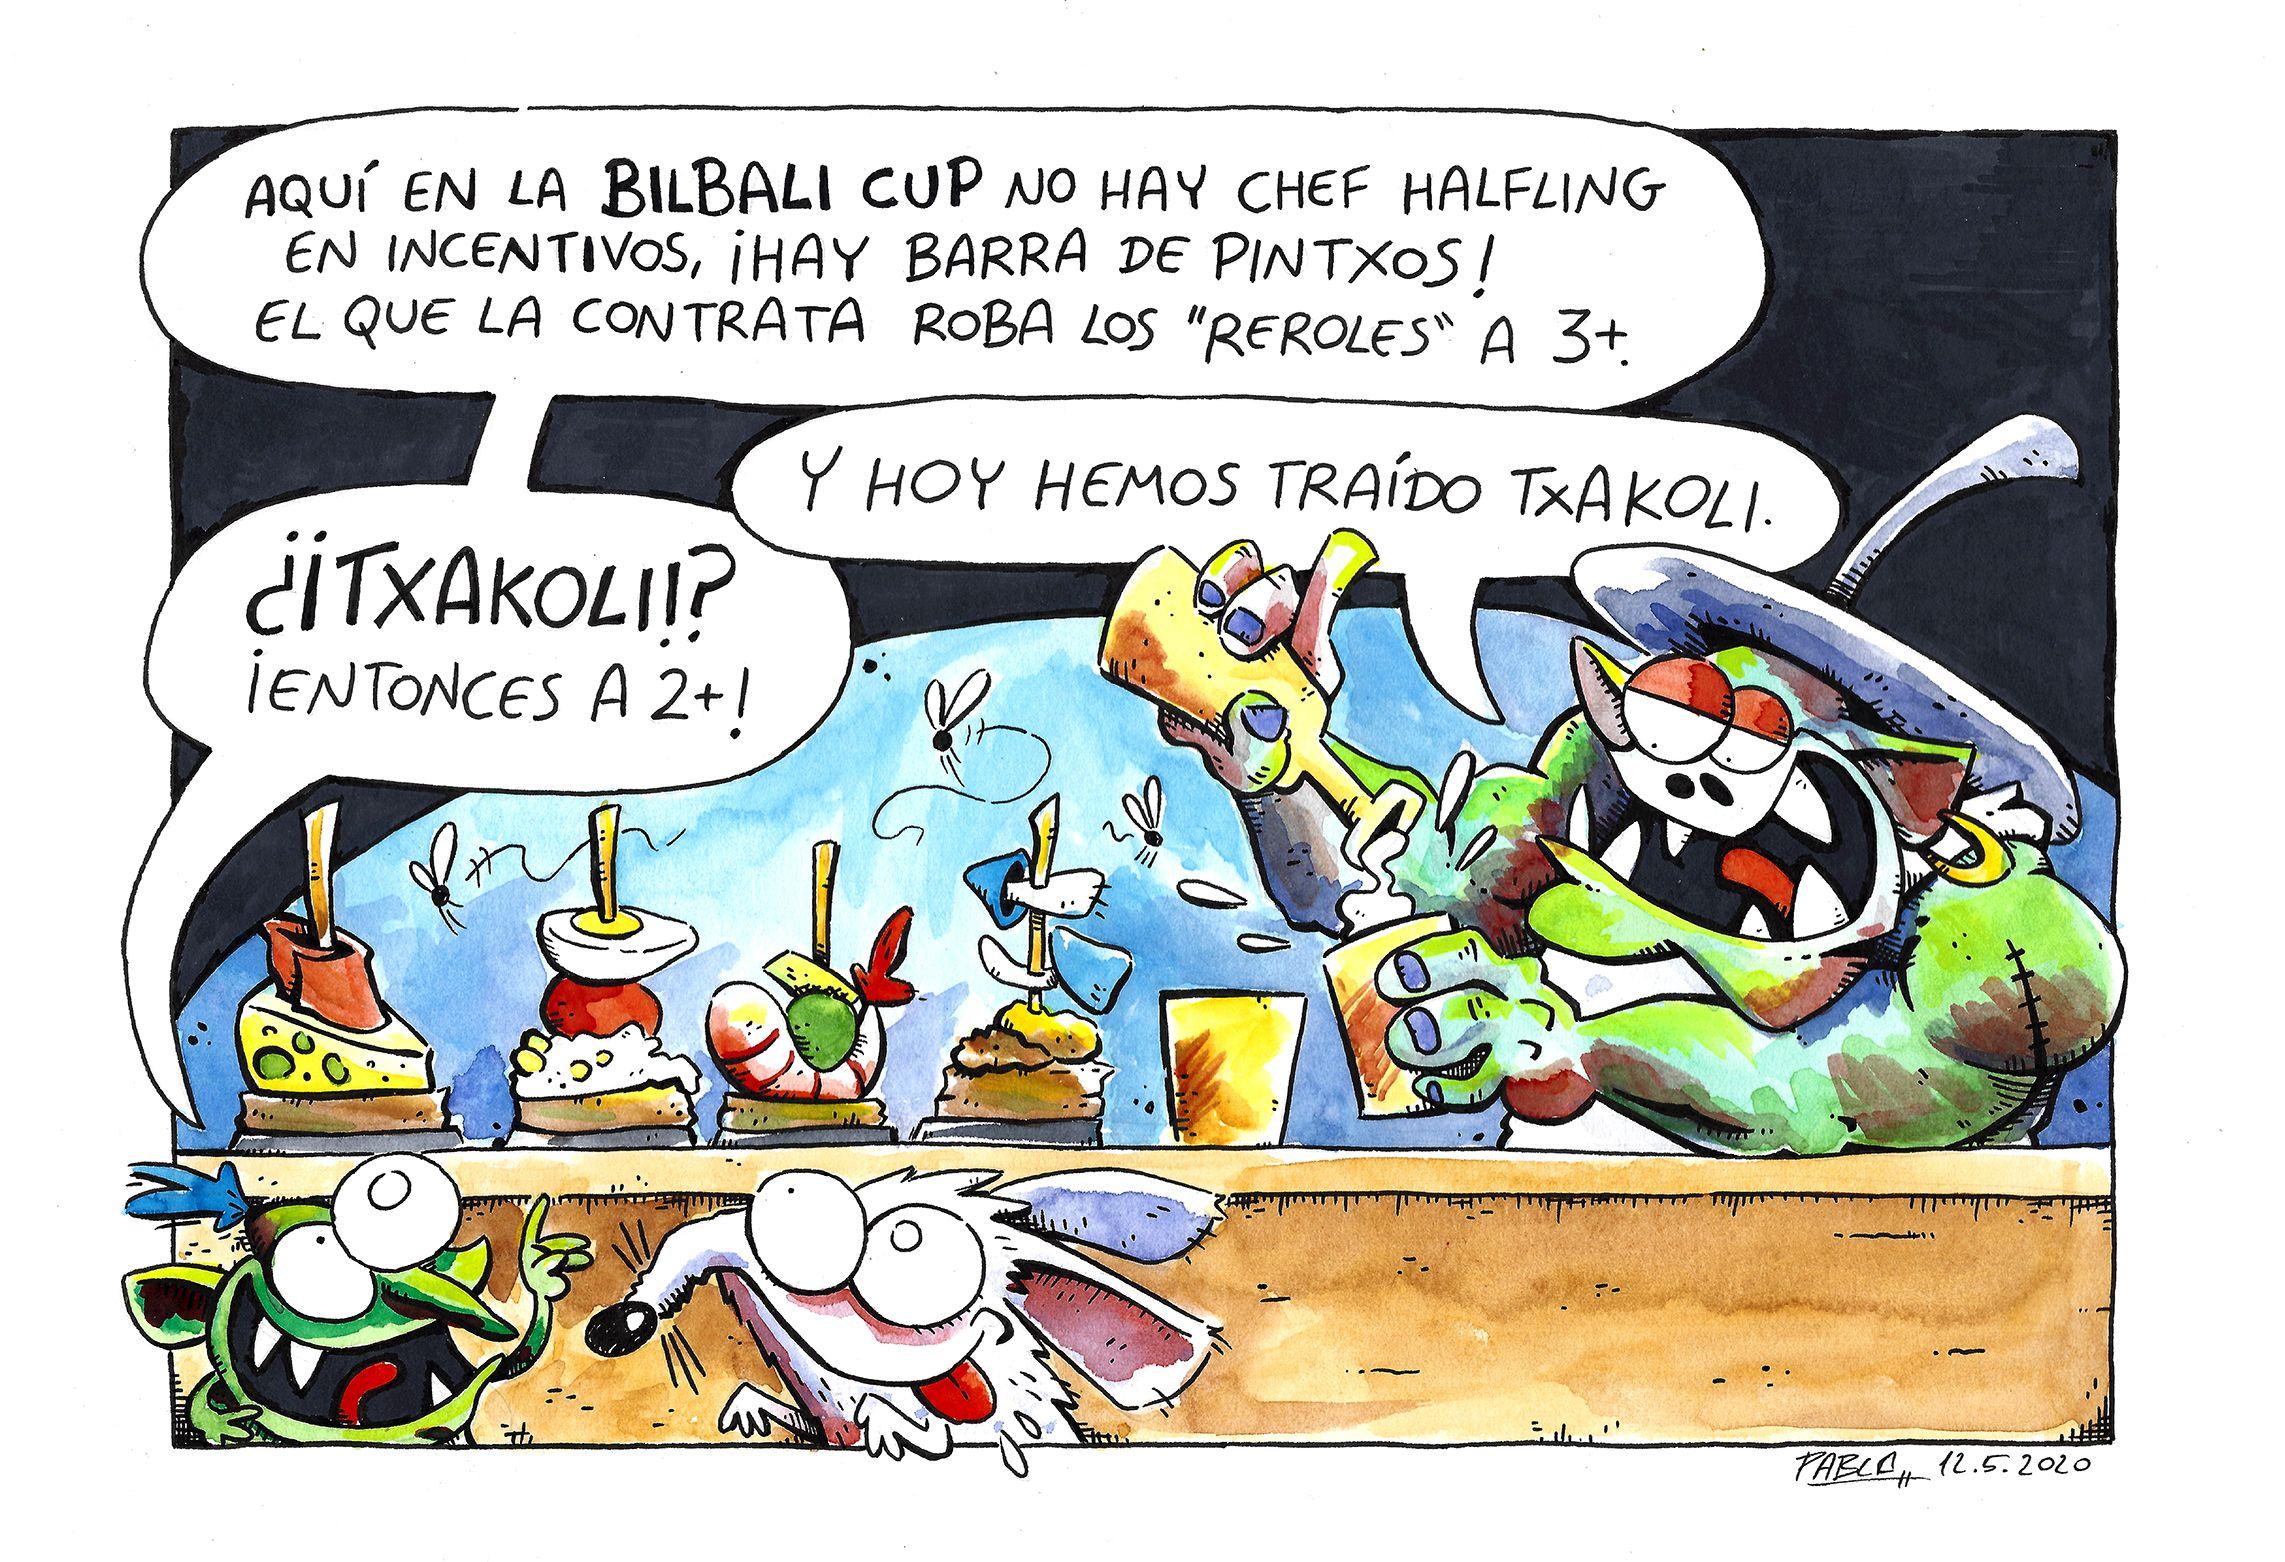 Bilbali Cup [Botas de Clavos]